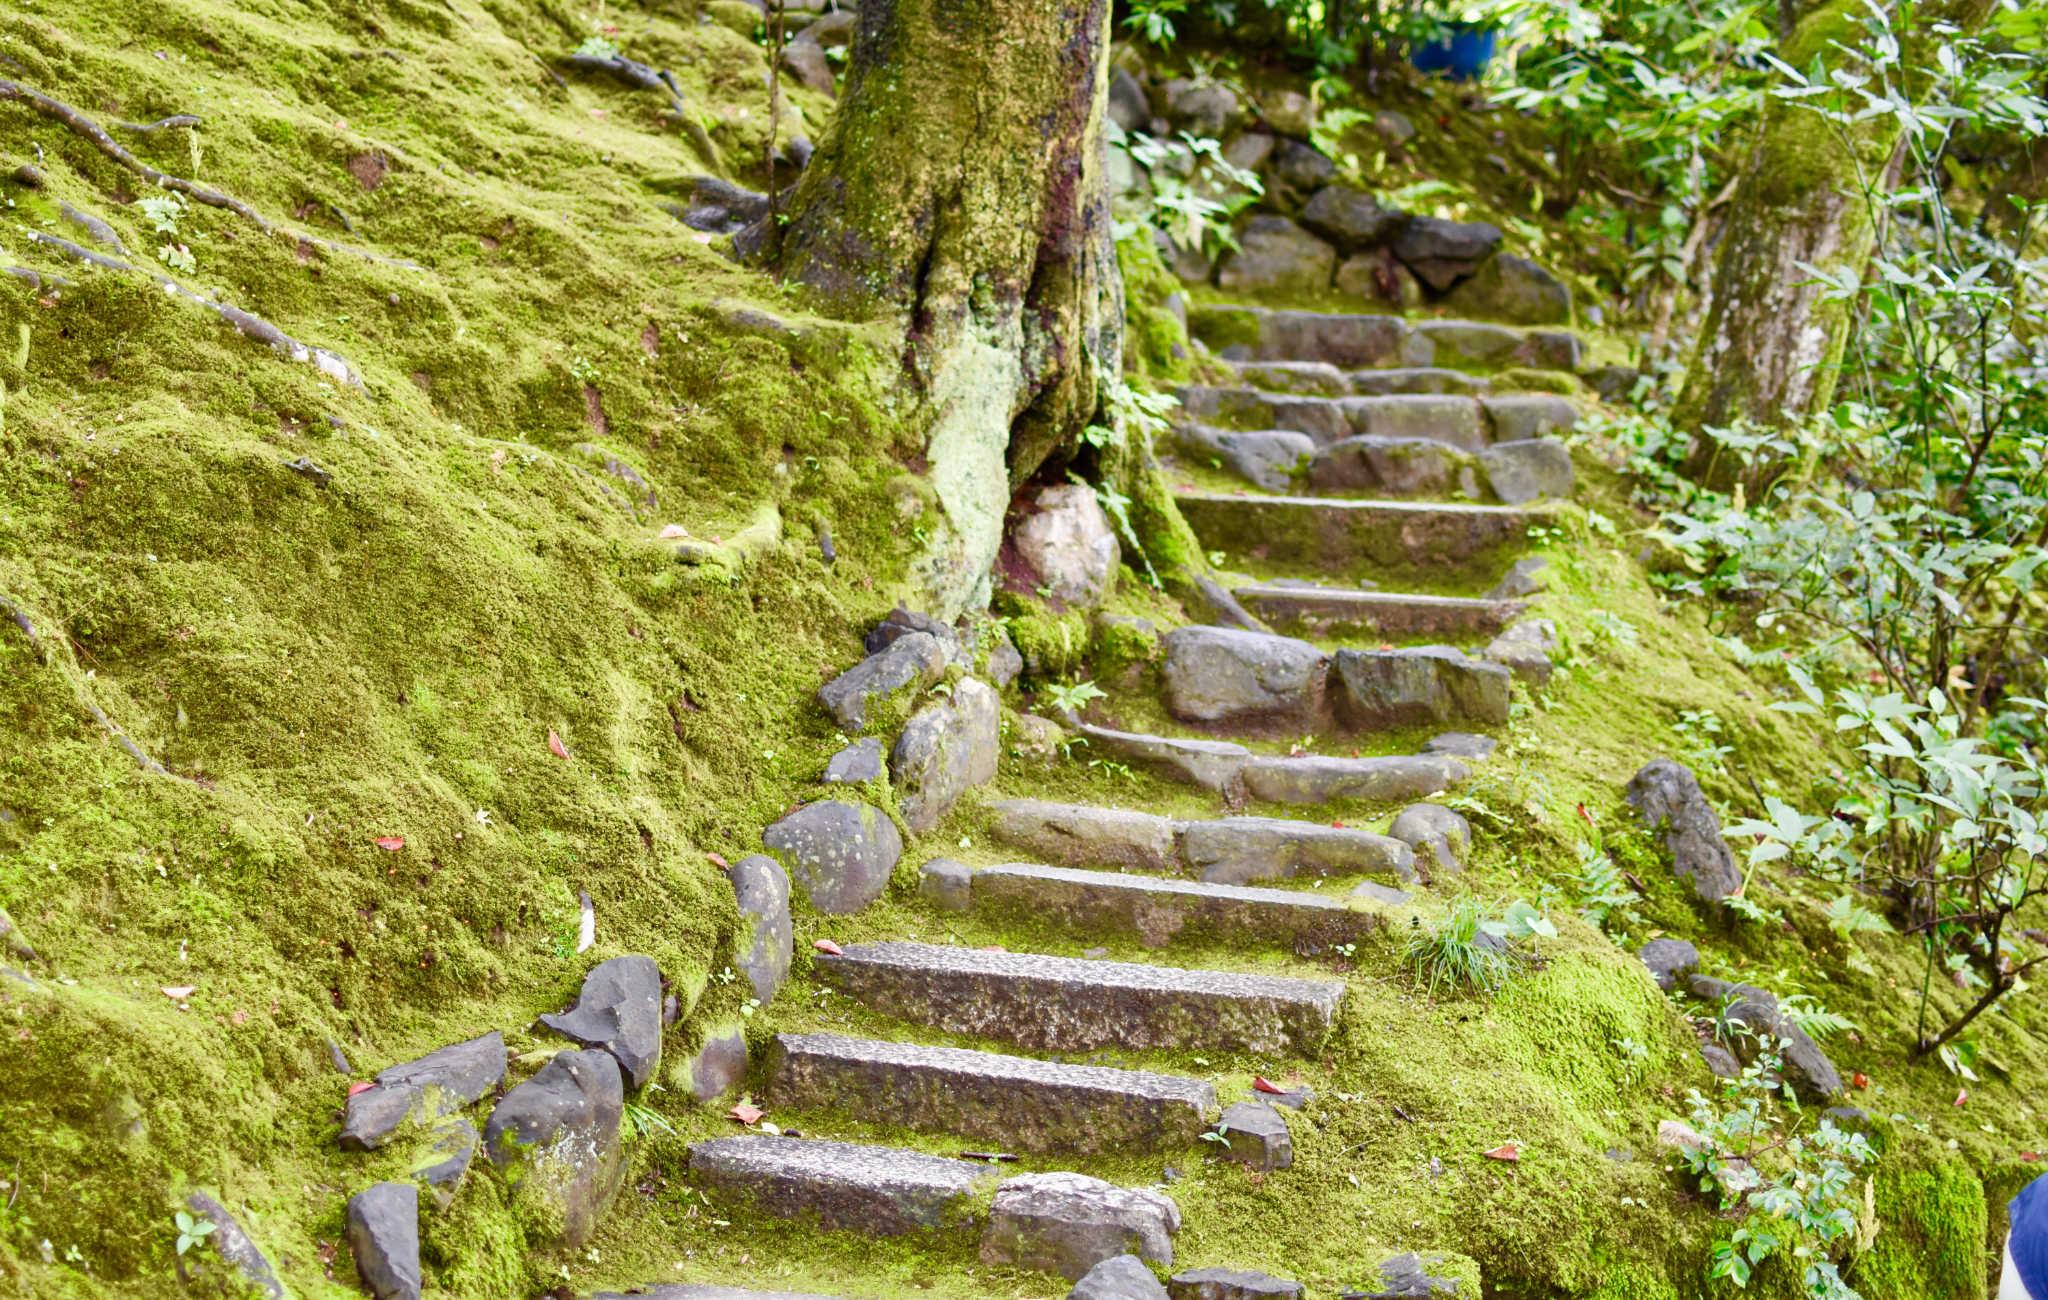 Escalier de pierre recouvert par la mousse au fil du temps